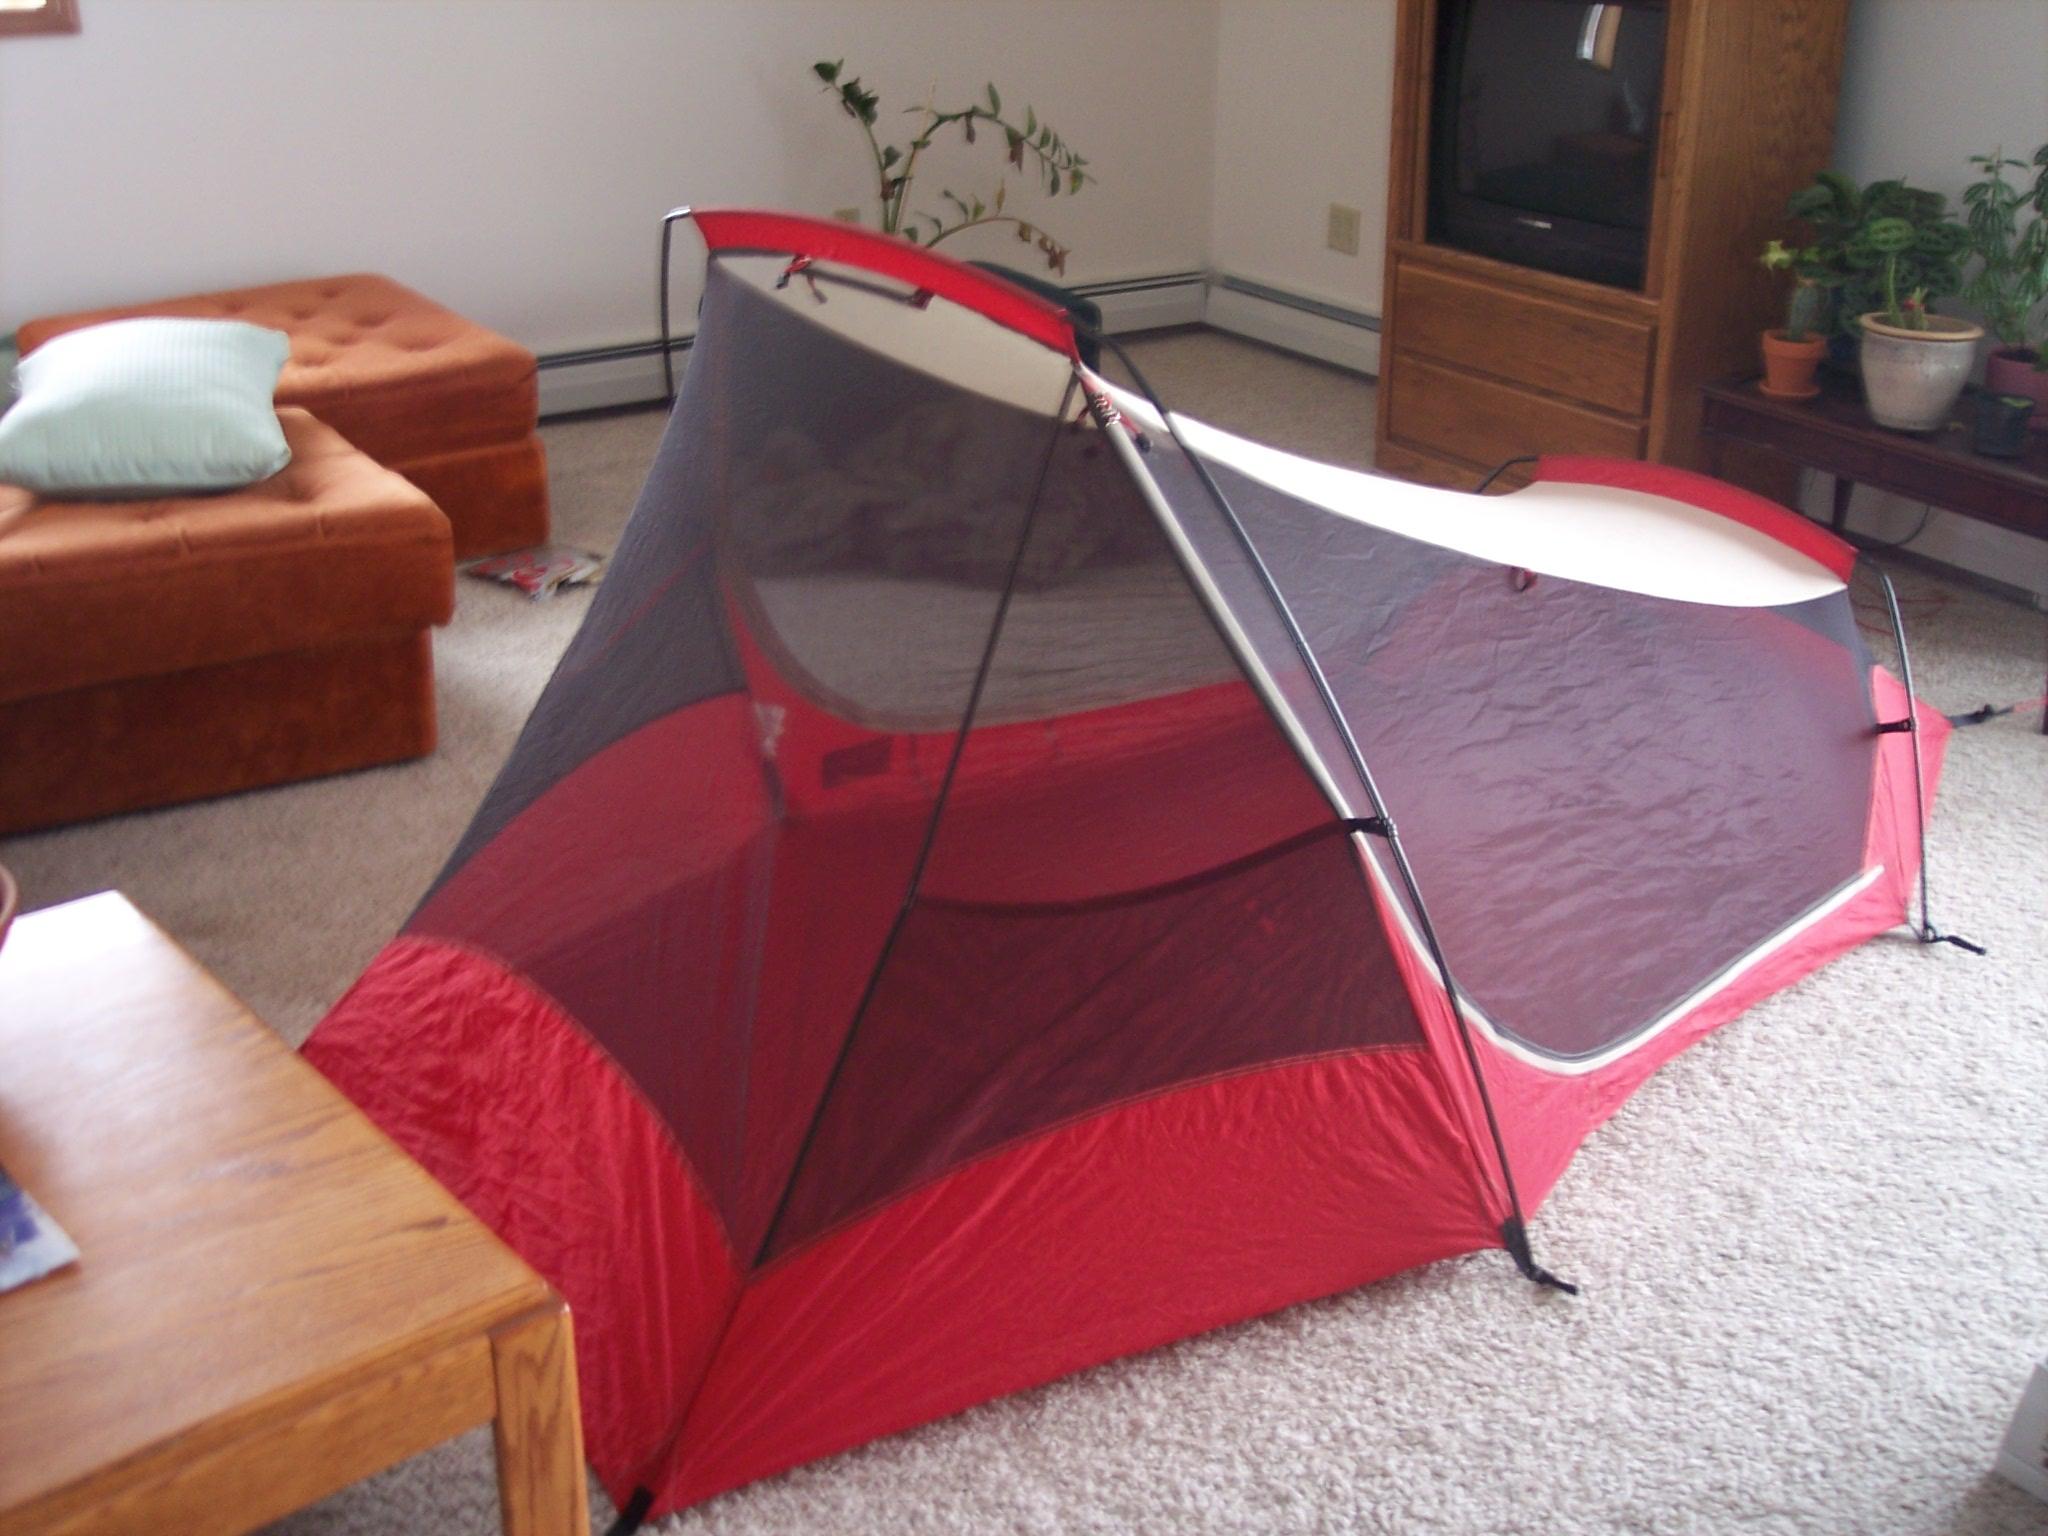 4563.thumb.jpg.dbad2aa8fb6890118d11271faabe3ecf.jpg & SOLD - Tent - MSR Zoid 2 - The Yard Sale - CascadeClimbers.com